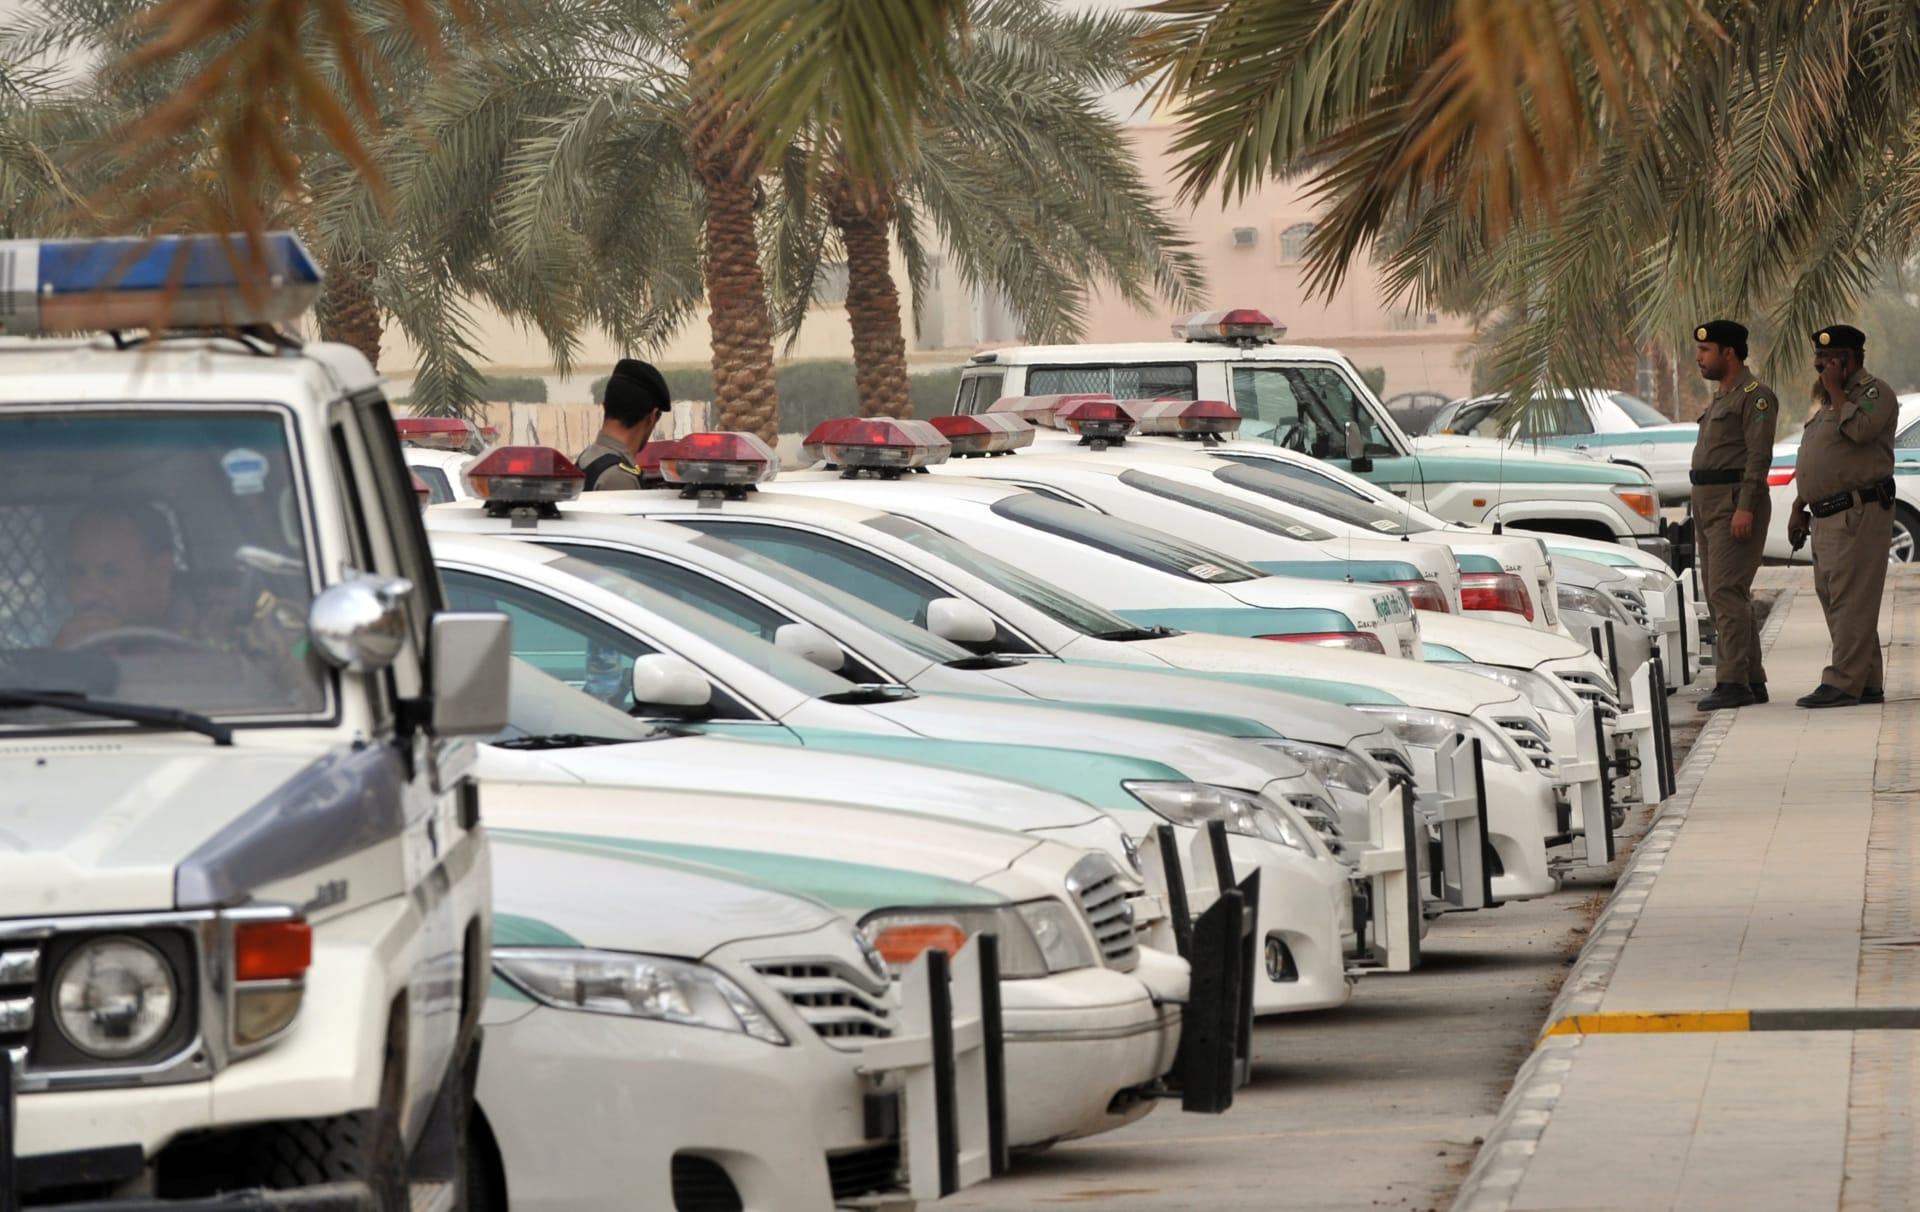 السعودية.. نشر فيديو لشبان يسكبون مادة سريعة الاشتعال على شخص والشرطة تعلق